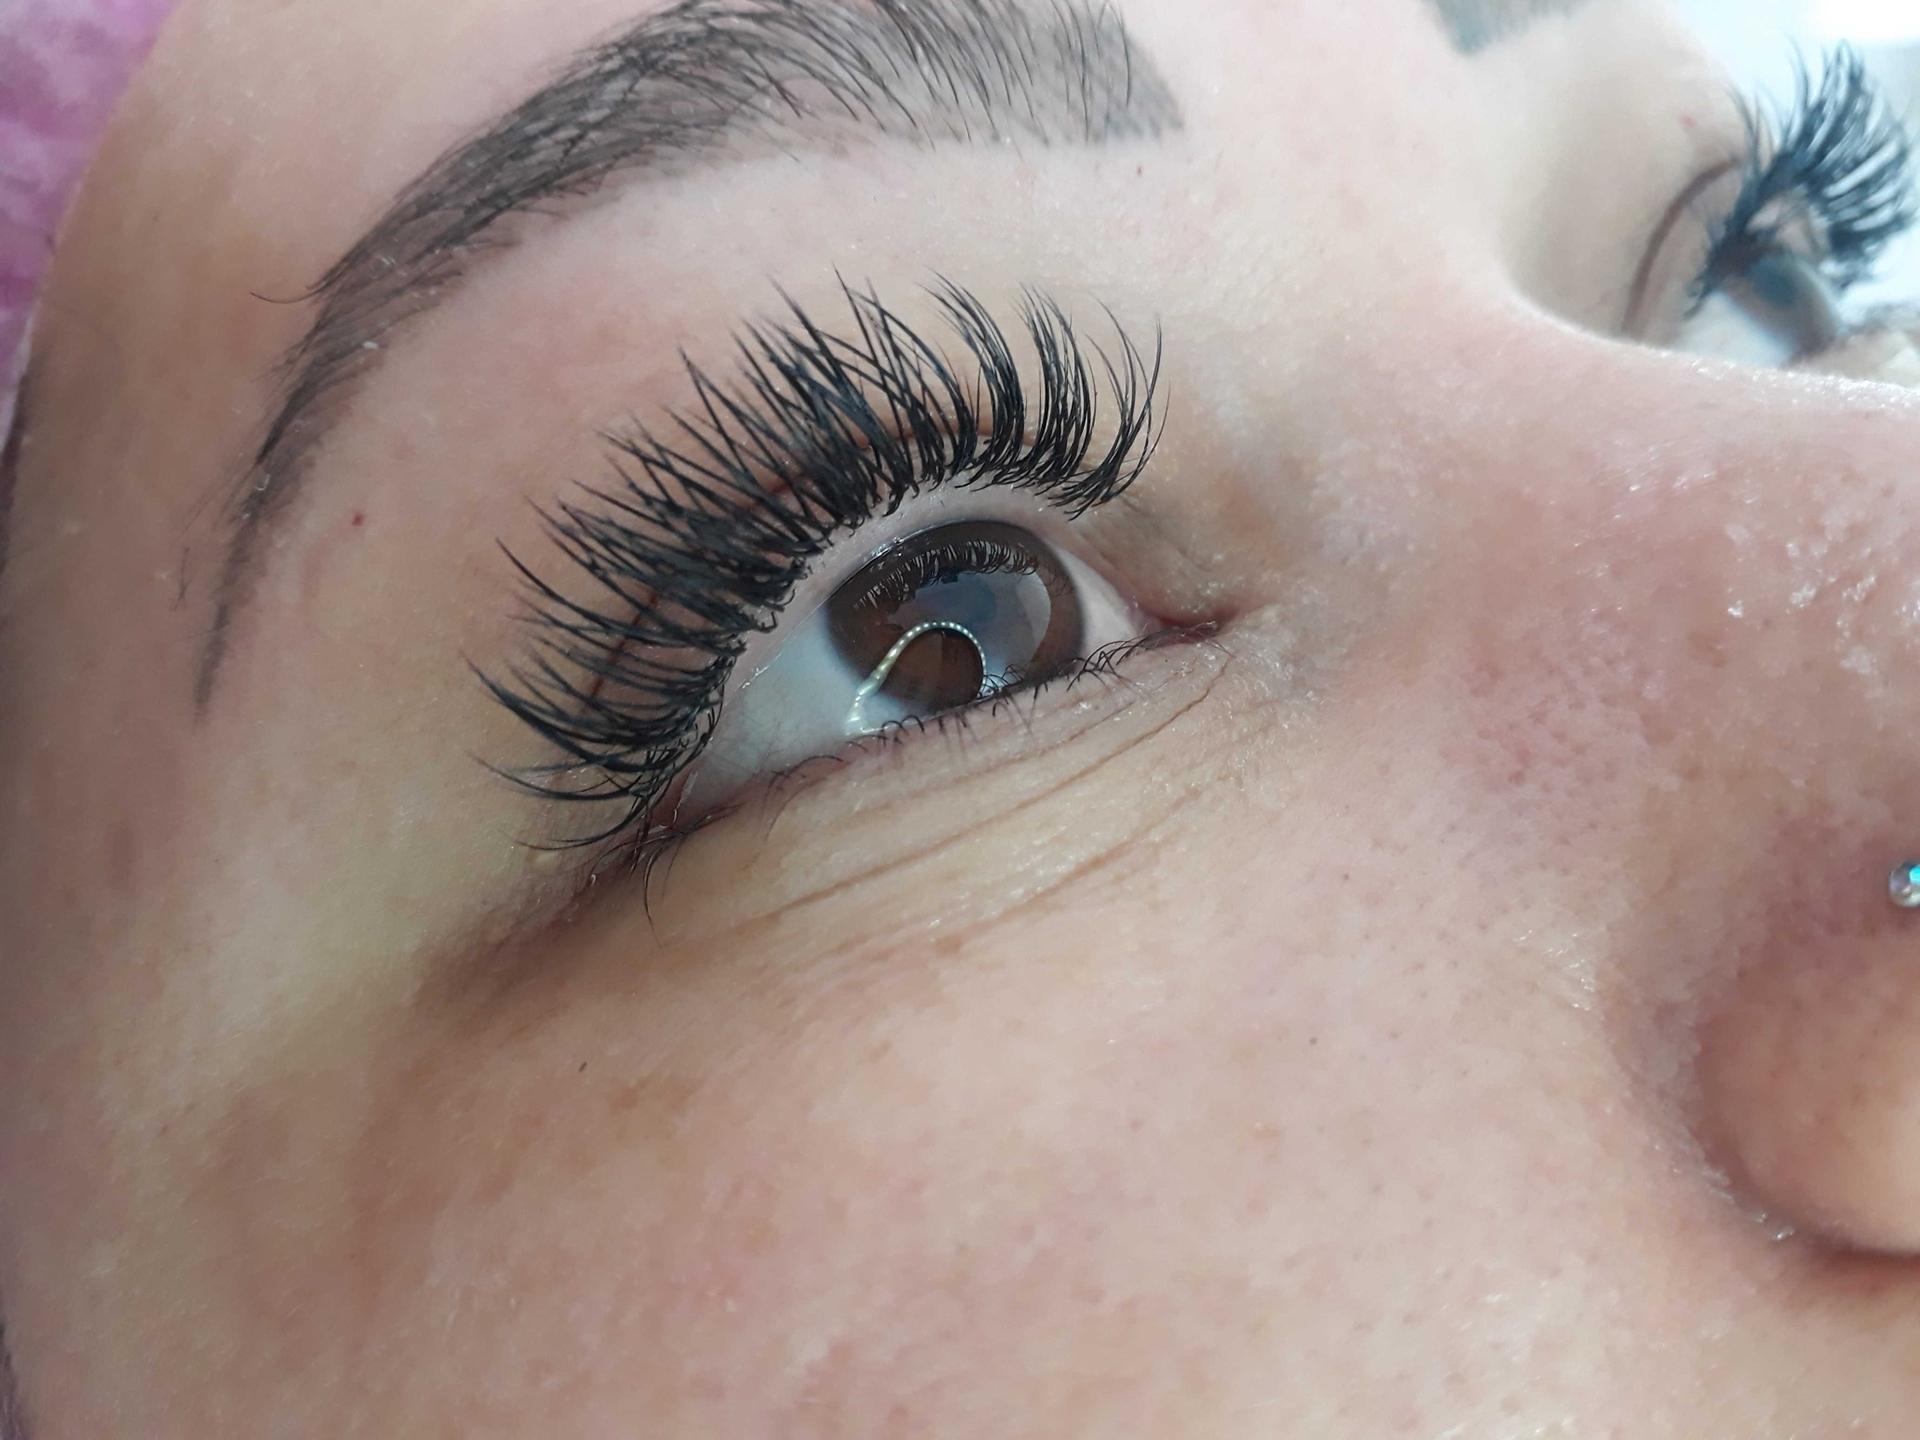 Extensão de cílios, técnica clássica  maquiagem micropigmentador(a) designer de sobrancelhas maquiador(a)